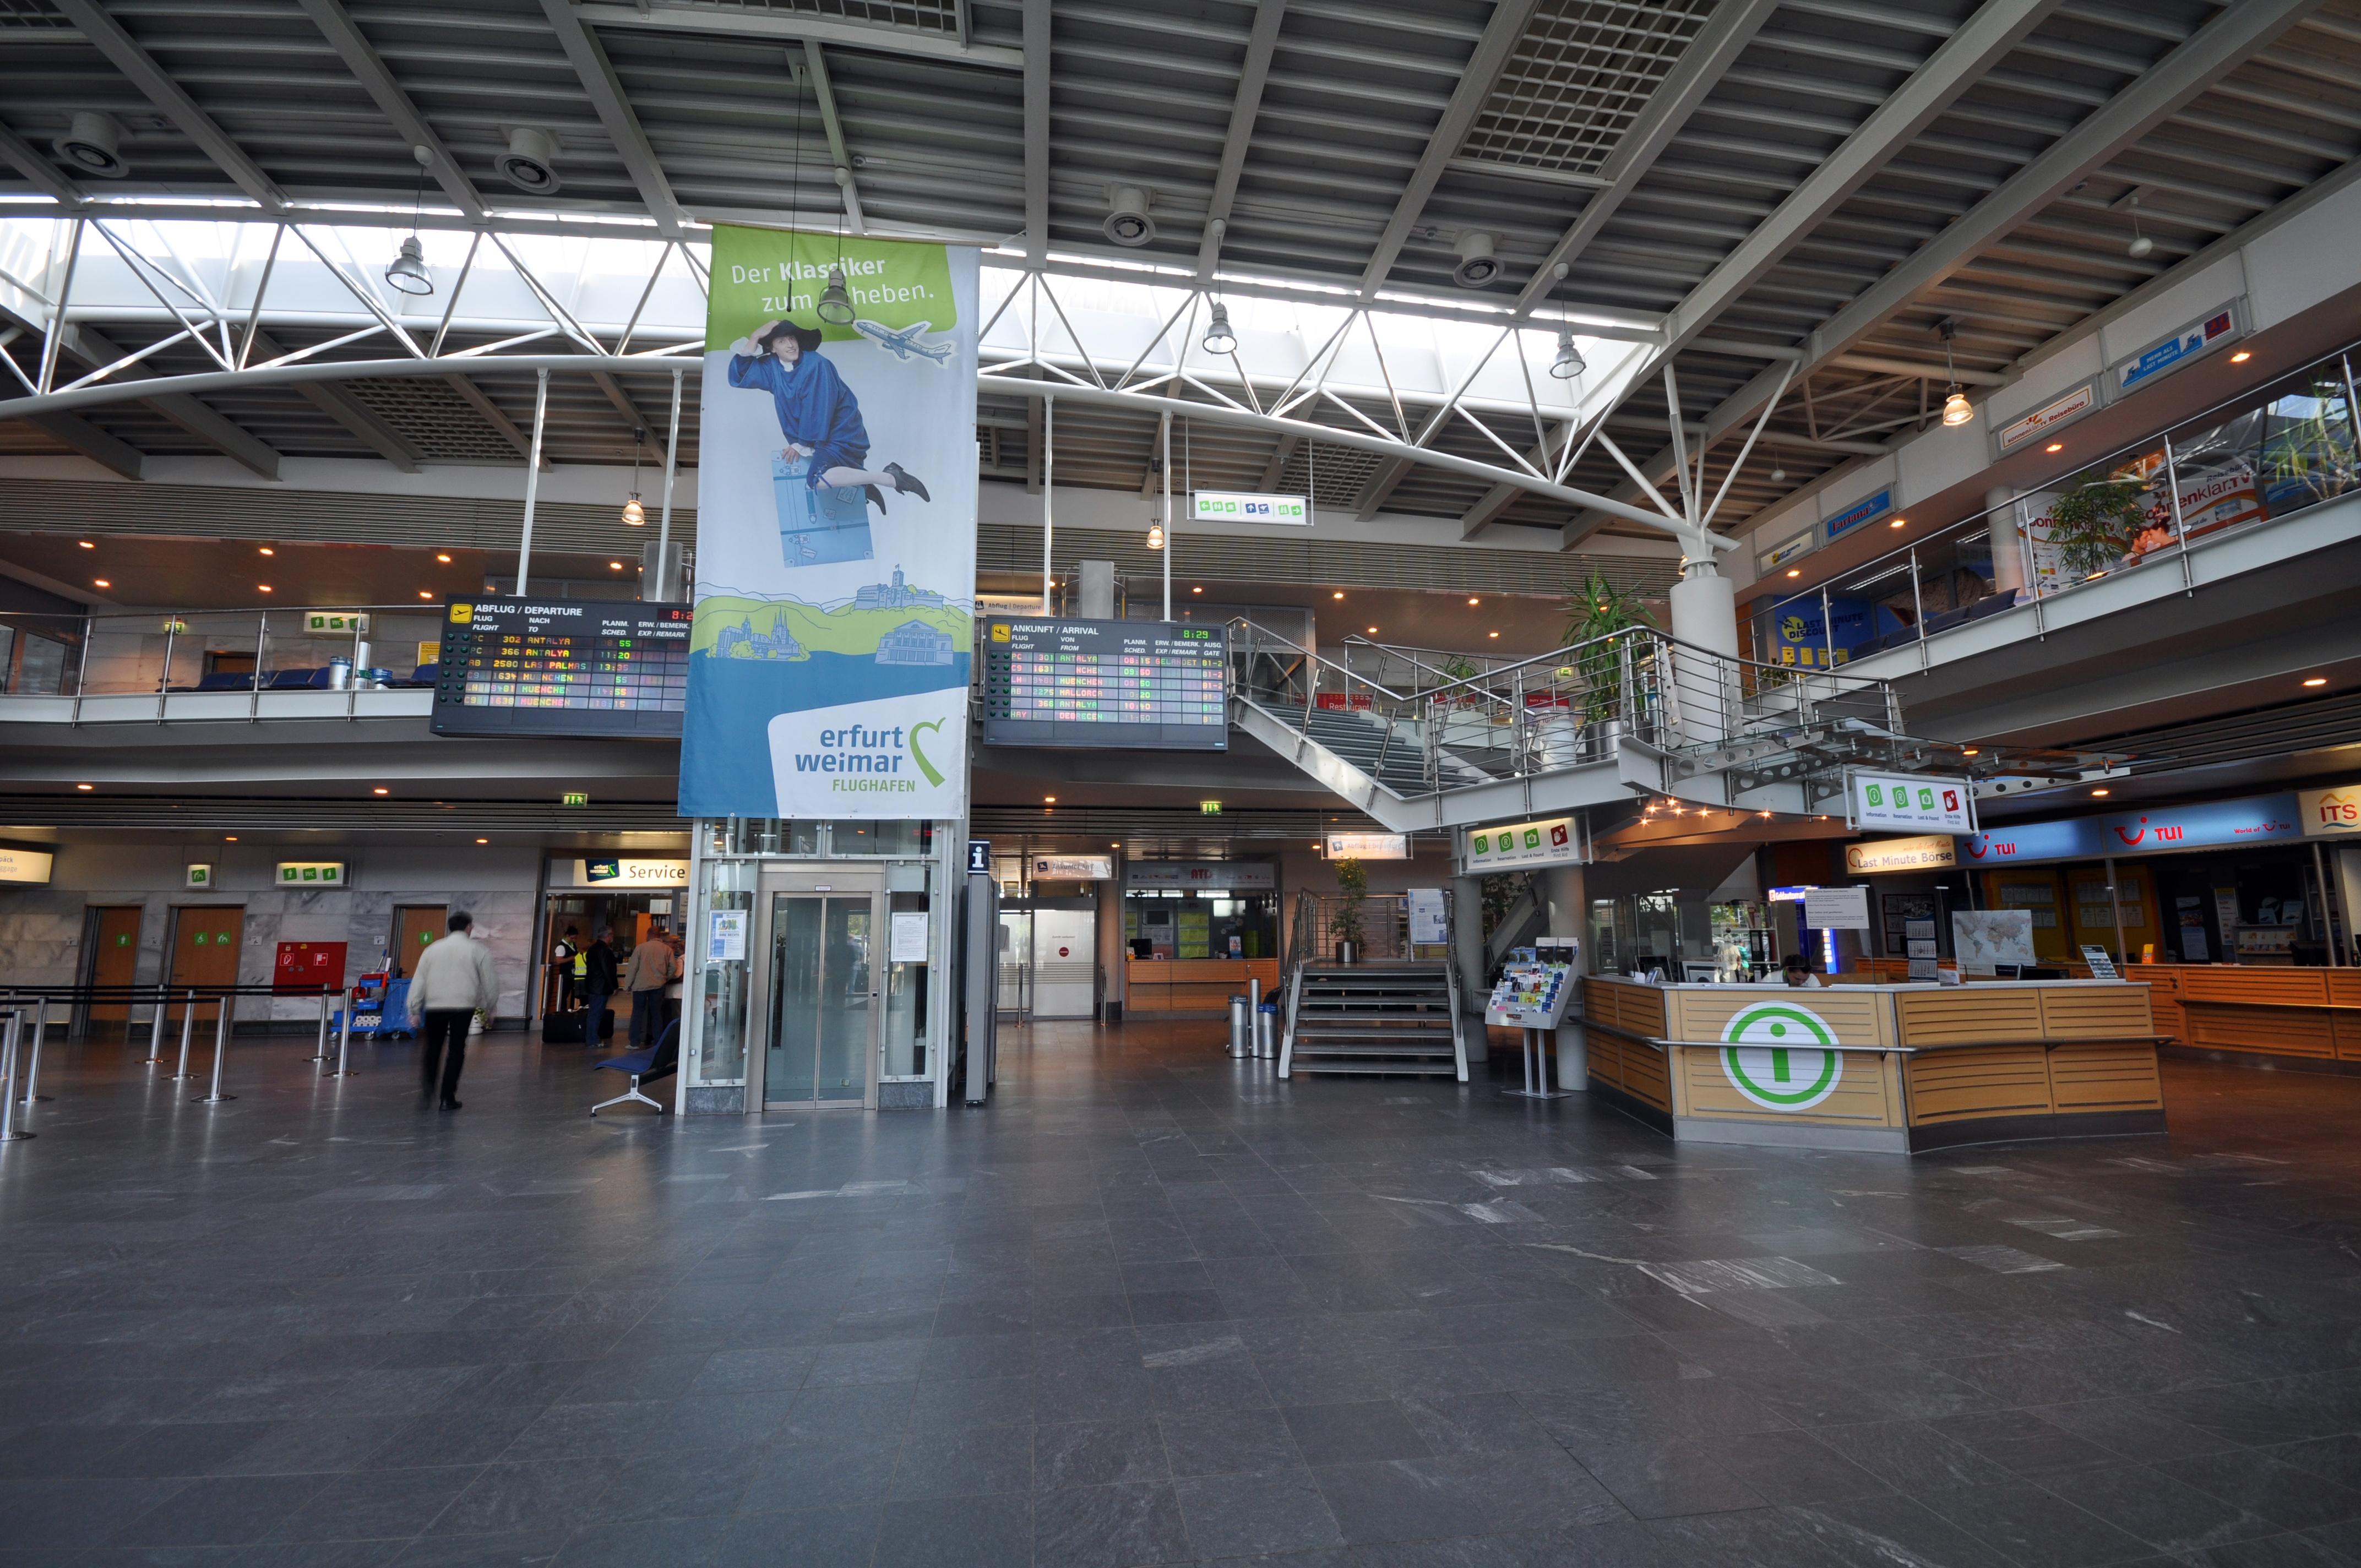 аэропорт Эрфурт